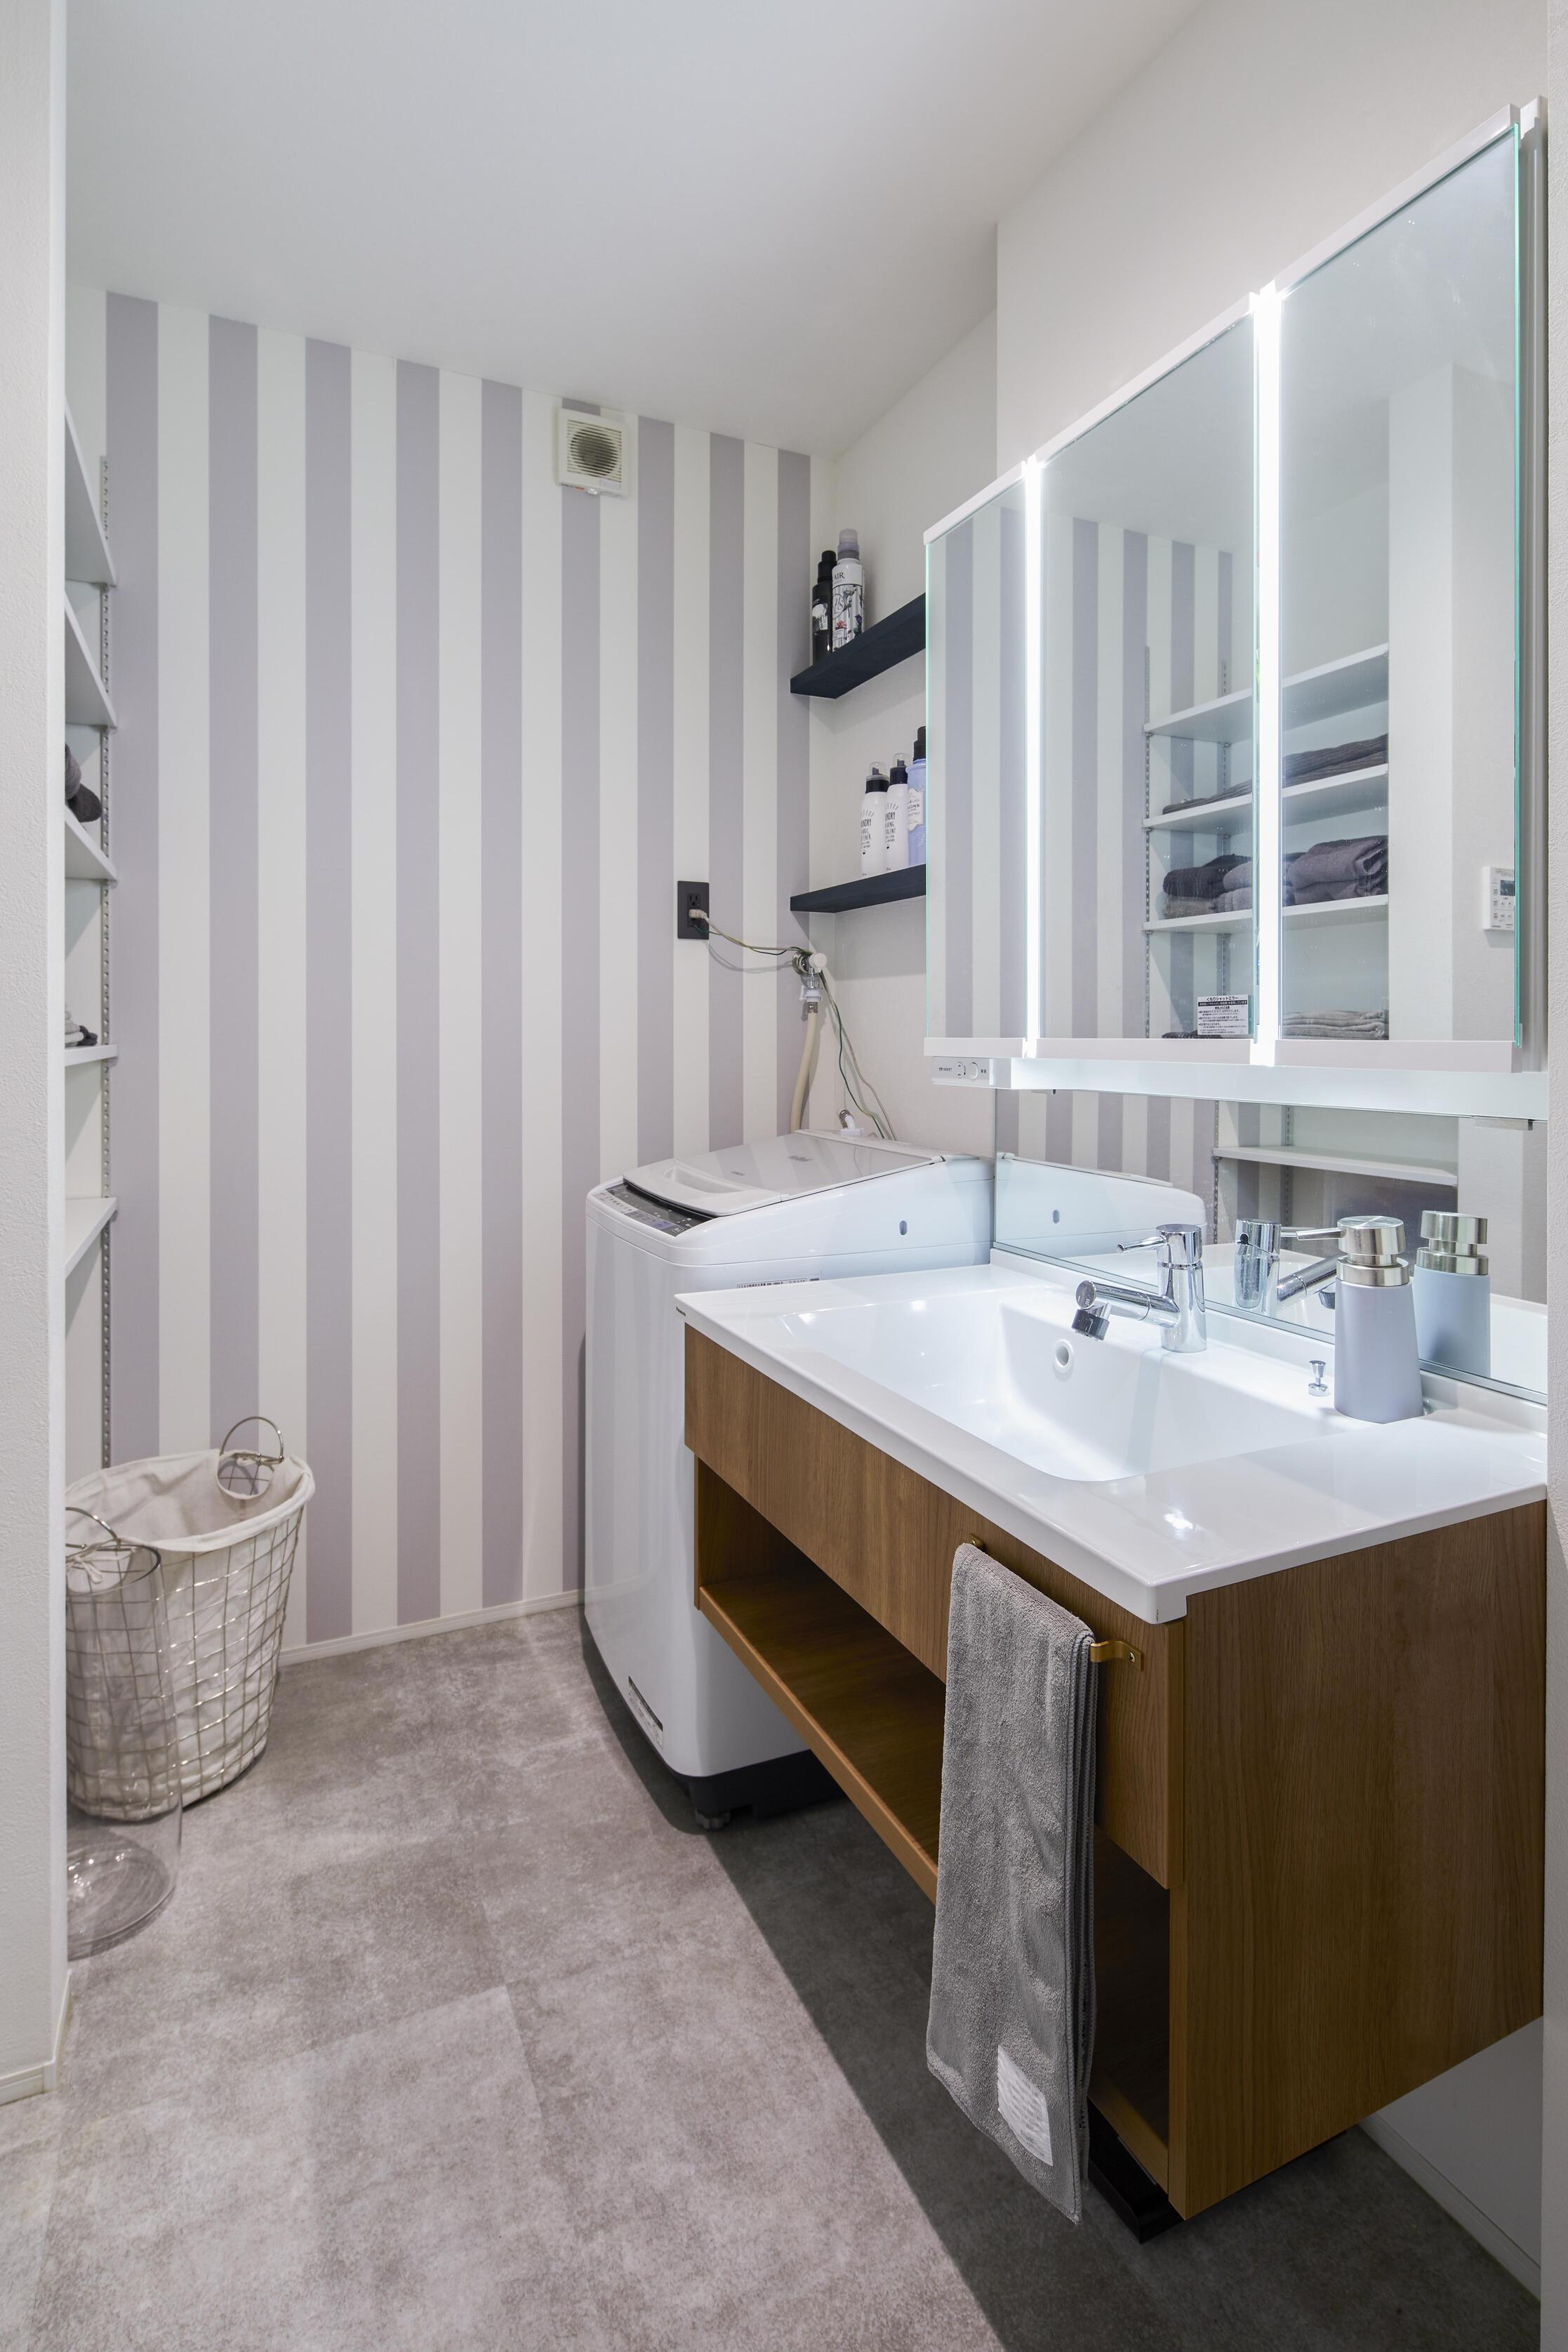 可愛らしいアクセントクロスを採用した洗面脱衣所。洗面脱衣所→物干しスペース→ファミリークローゼットの動線を全て2階で完結しているので家事もラクラク